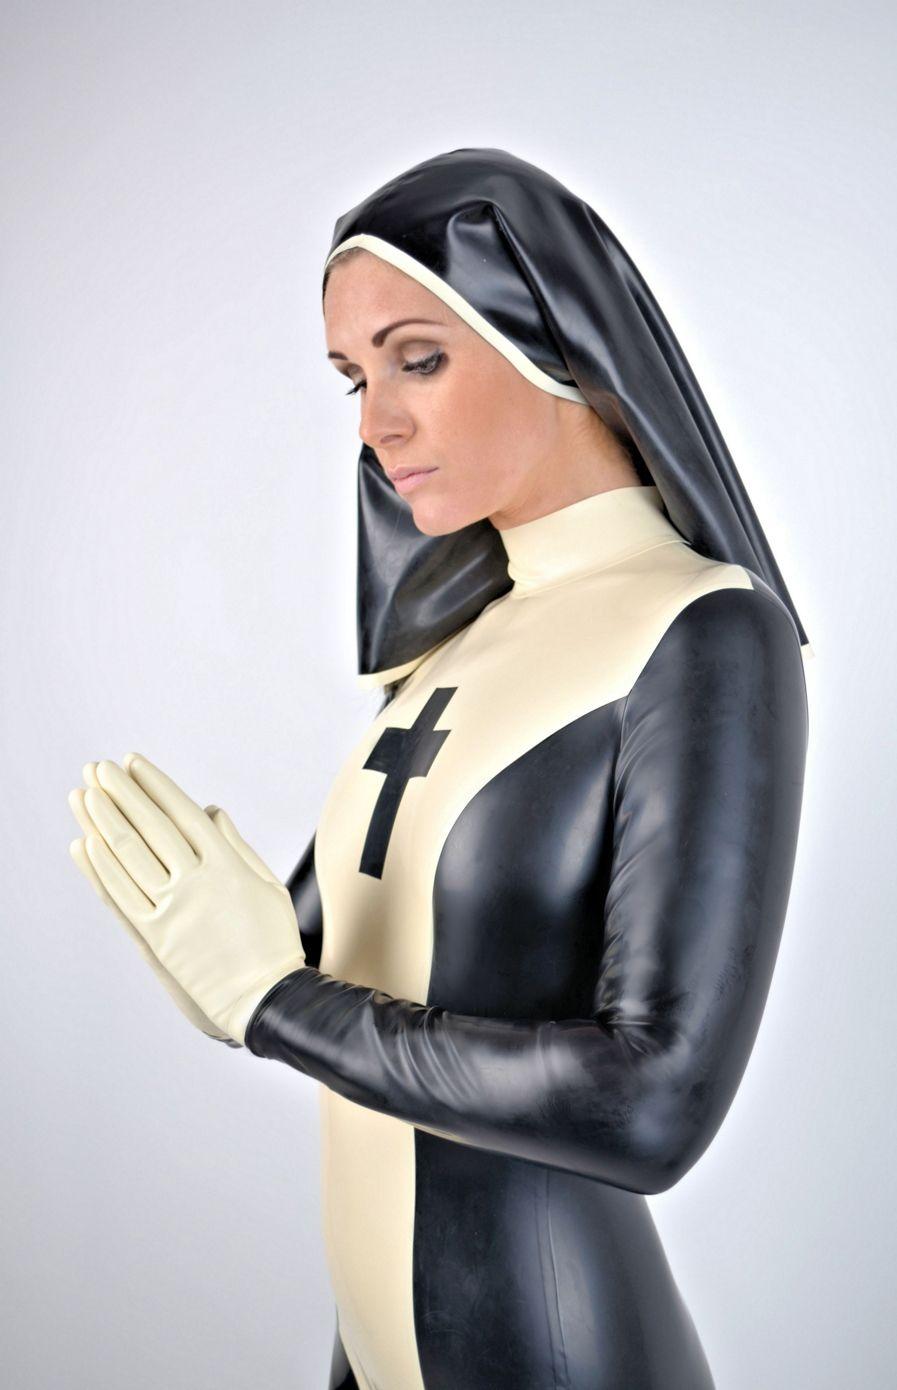 Sexy Nun Porn 77